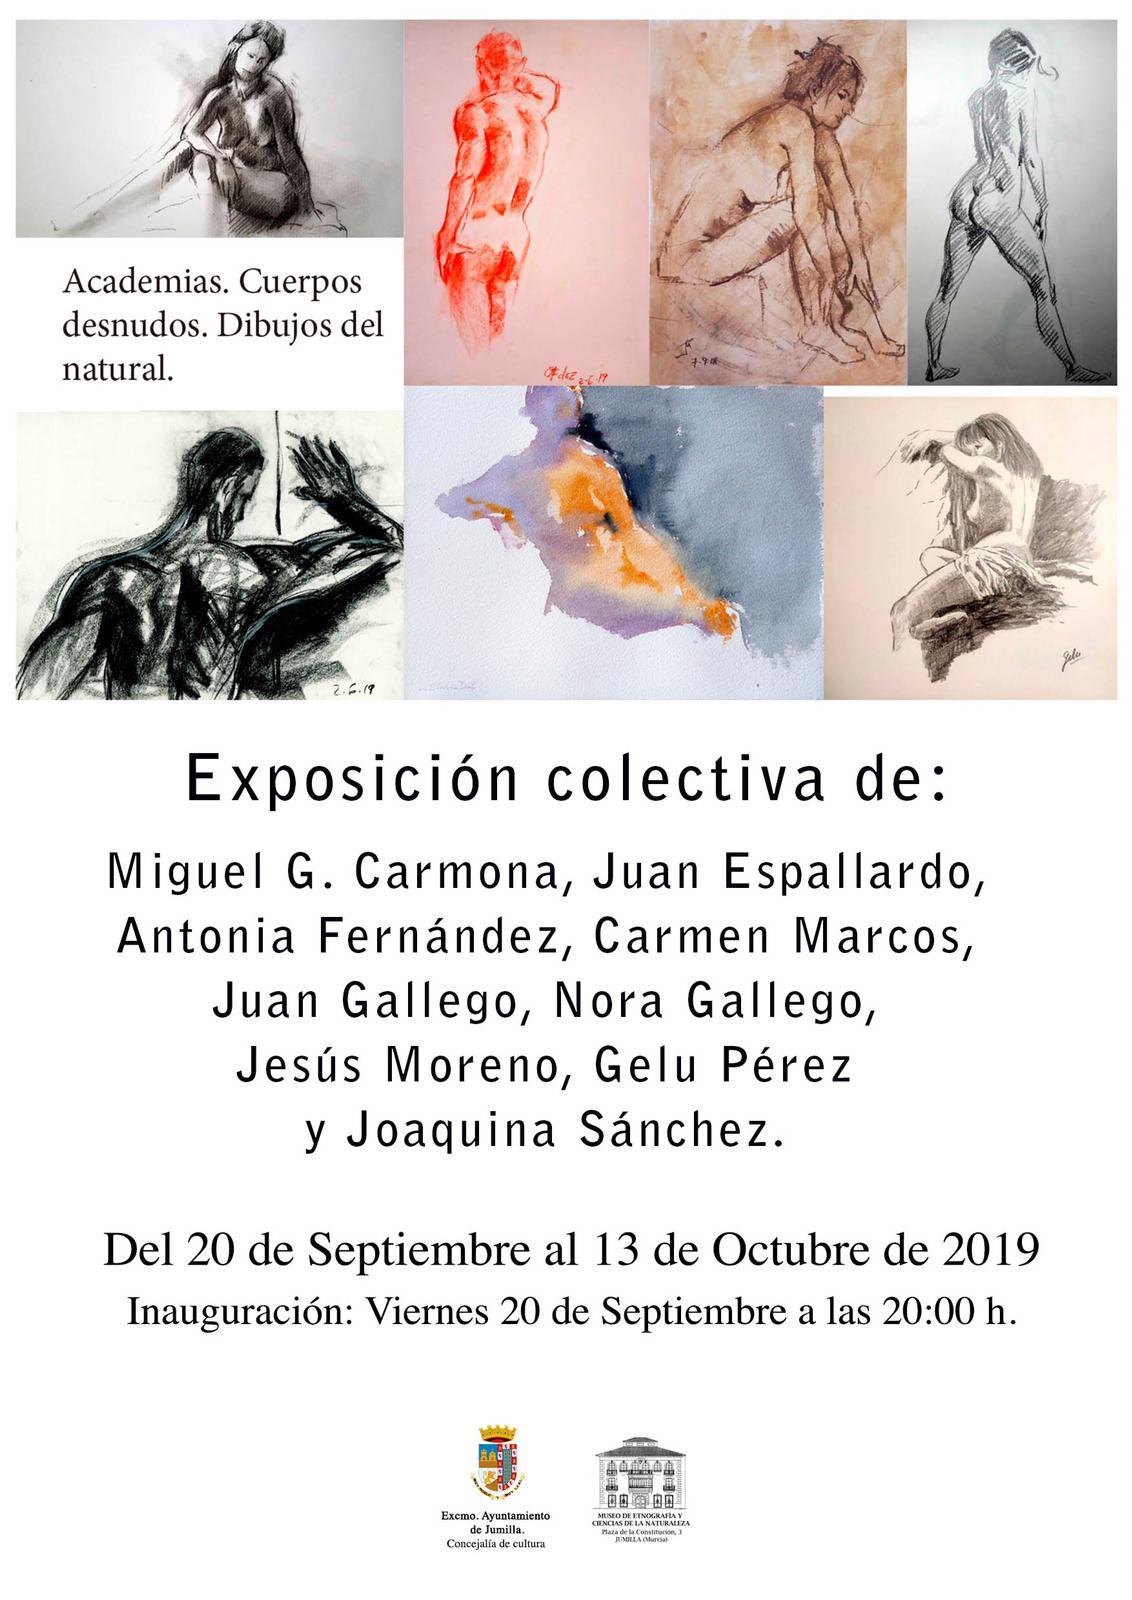 Este viernes se inaugura una exposición colectiva de cuerpos desnudos y dibujos al natural